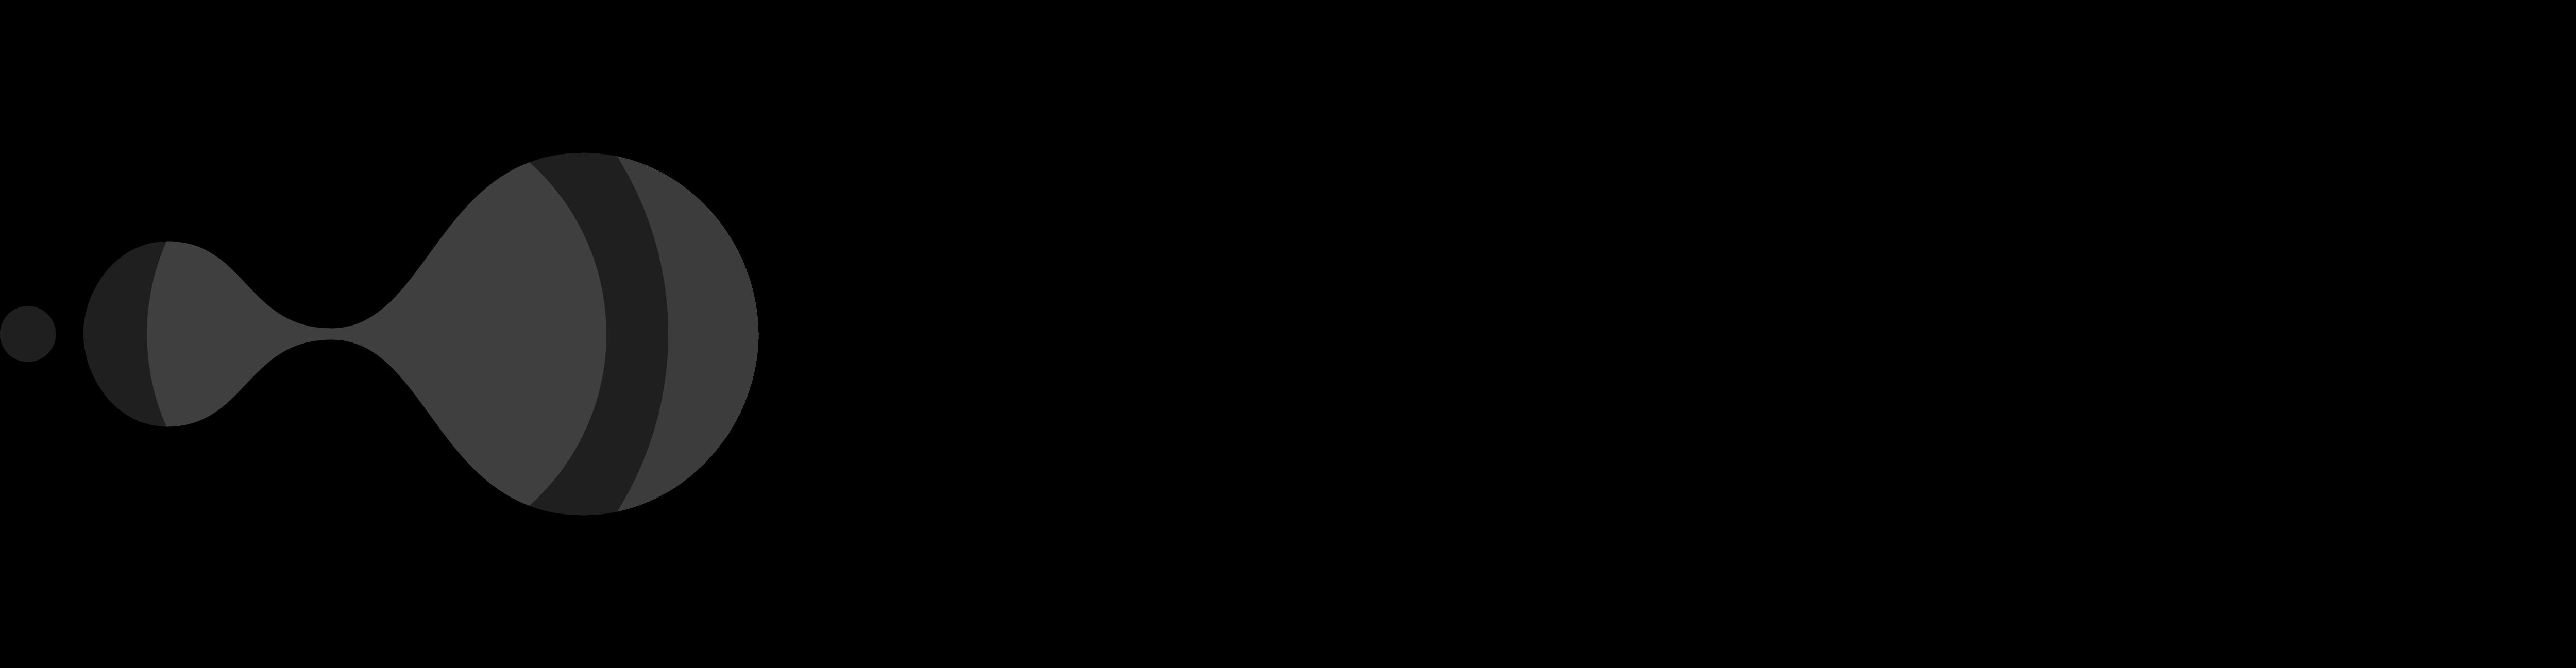 Óptica Pánuco